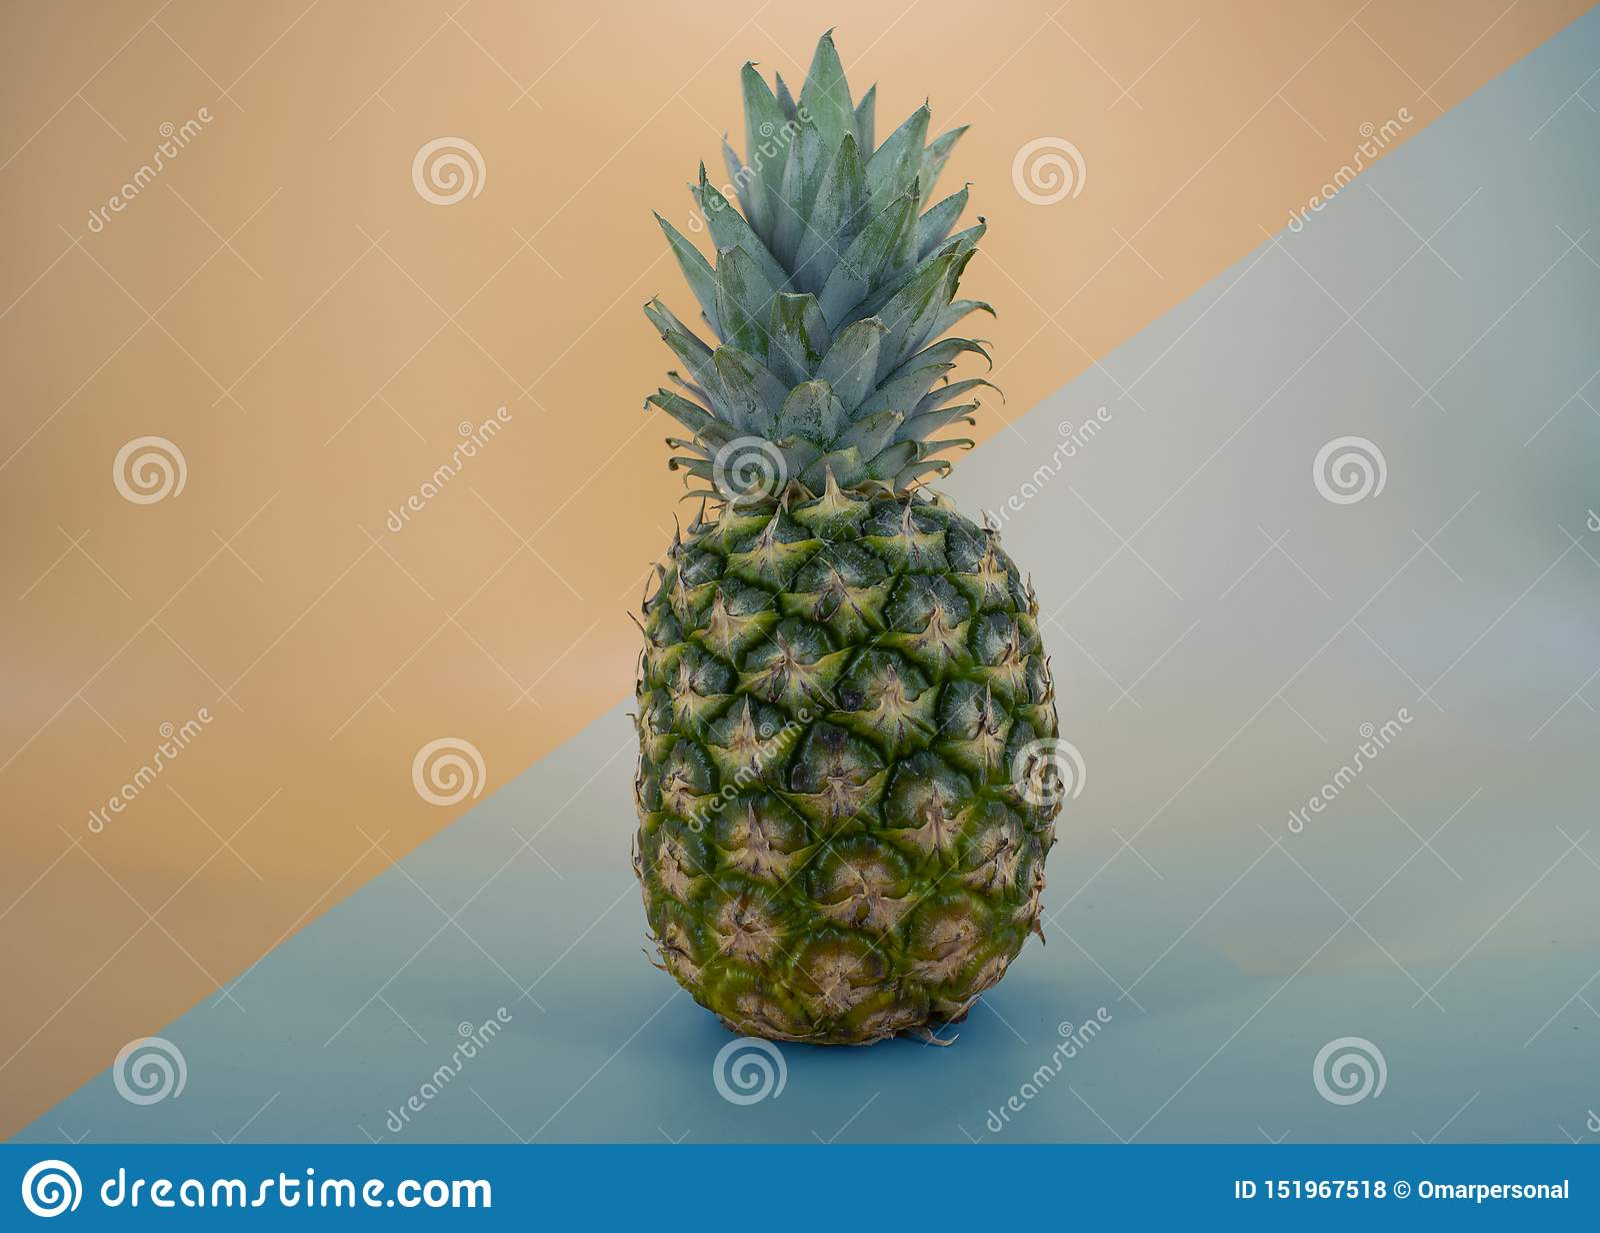 Ny ananasfrukt, modern backraundorangutangblått